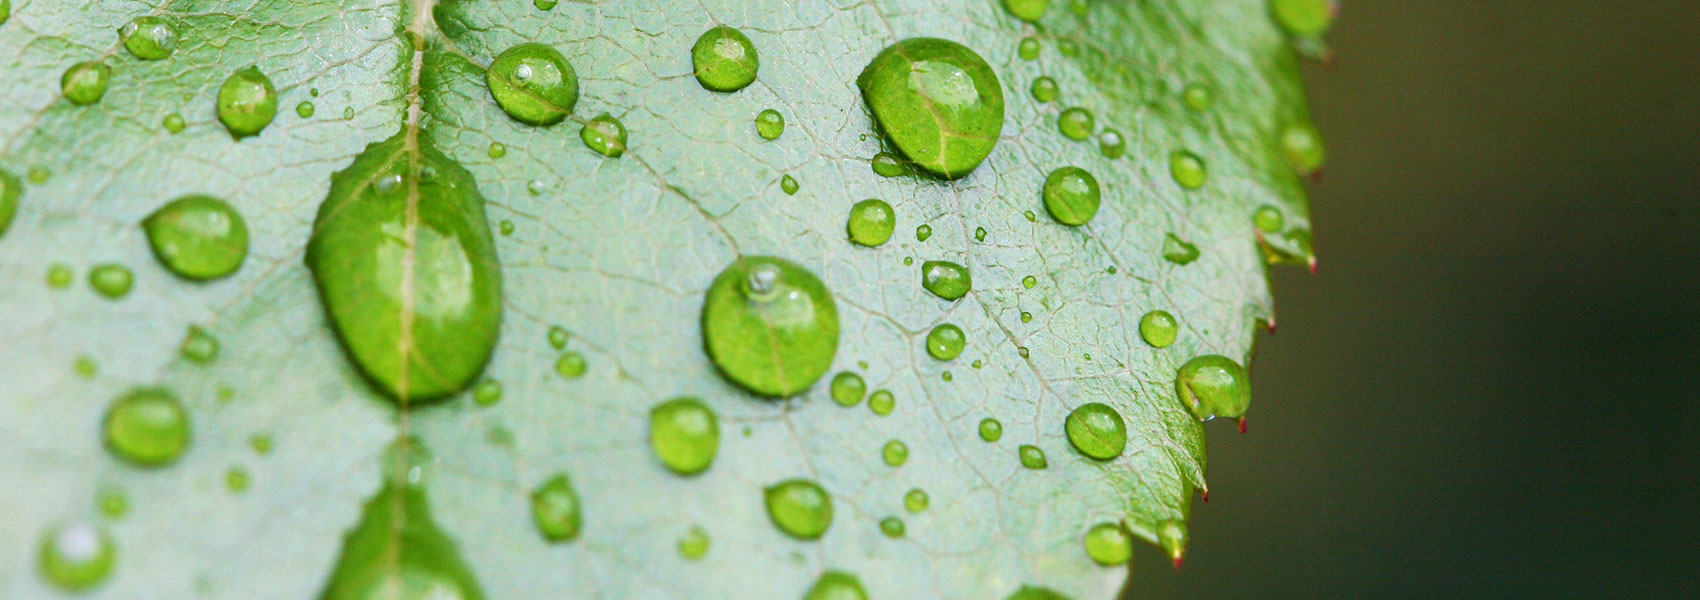 Water stewardship alliance